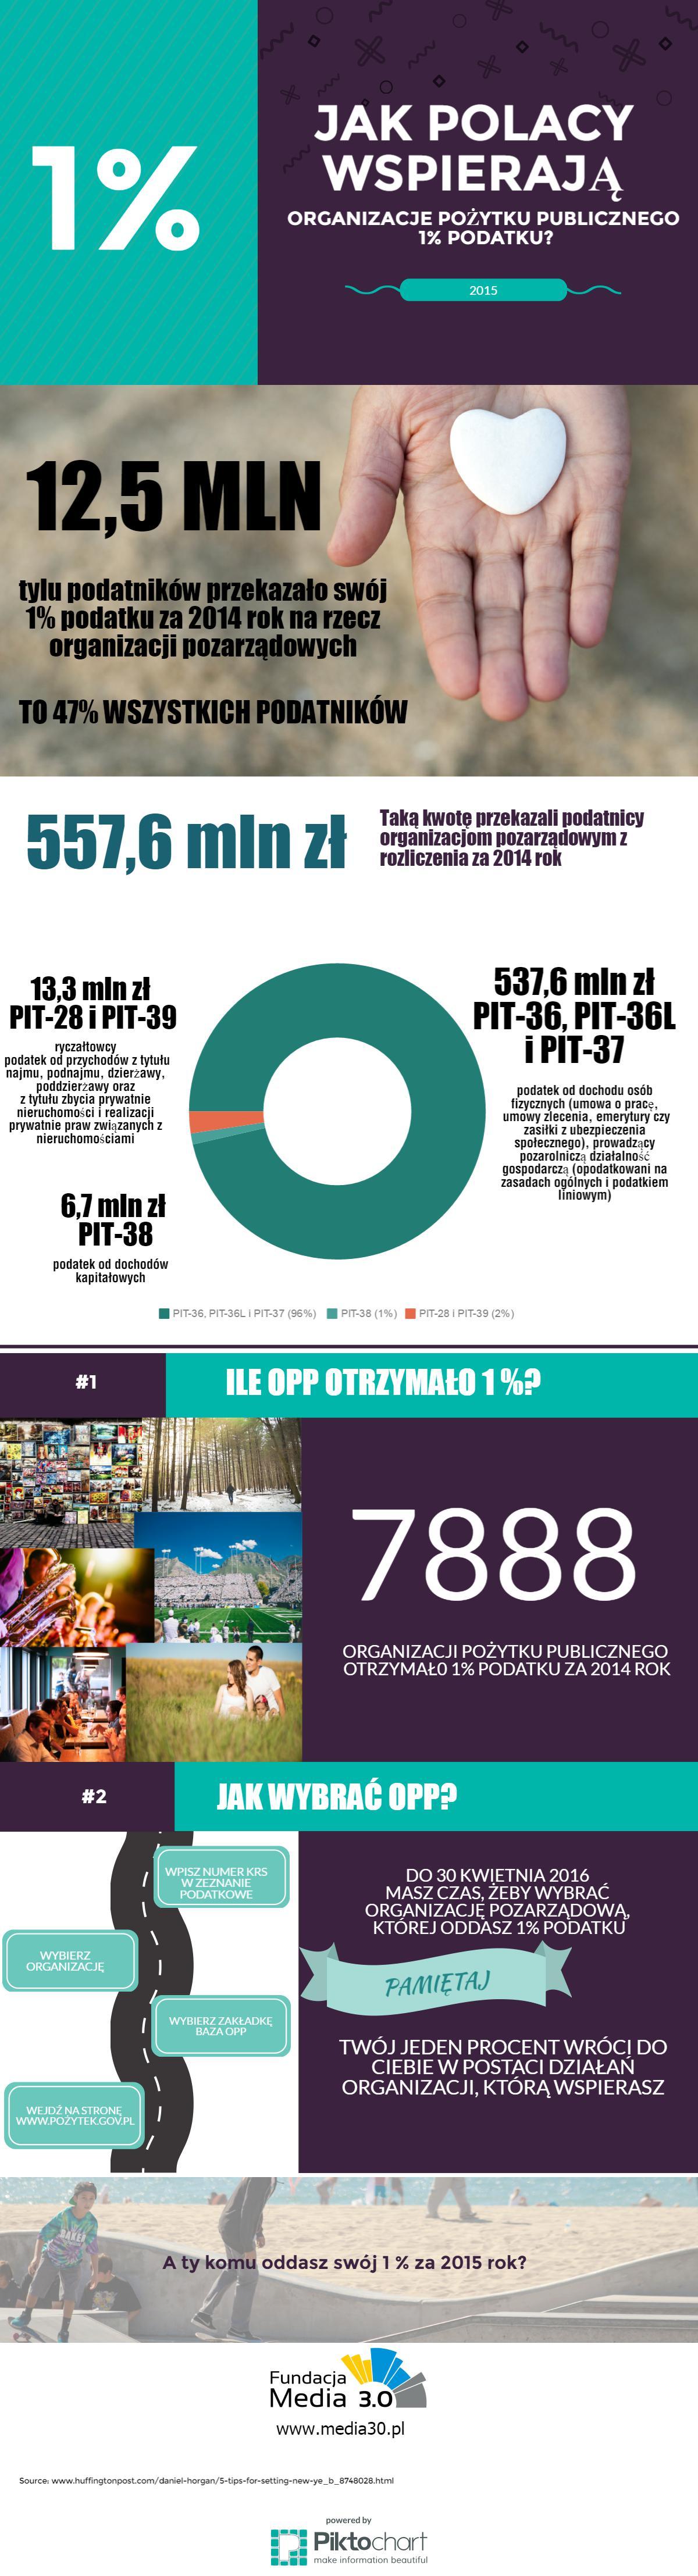 Jak Polacy wspierają organizacje pozarządowe? - infografika